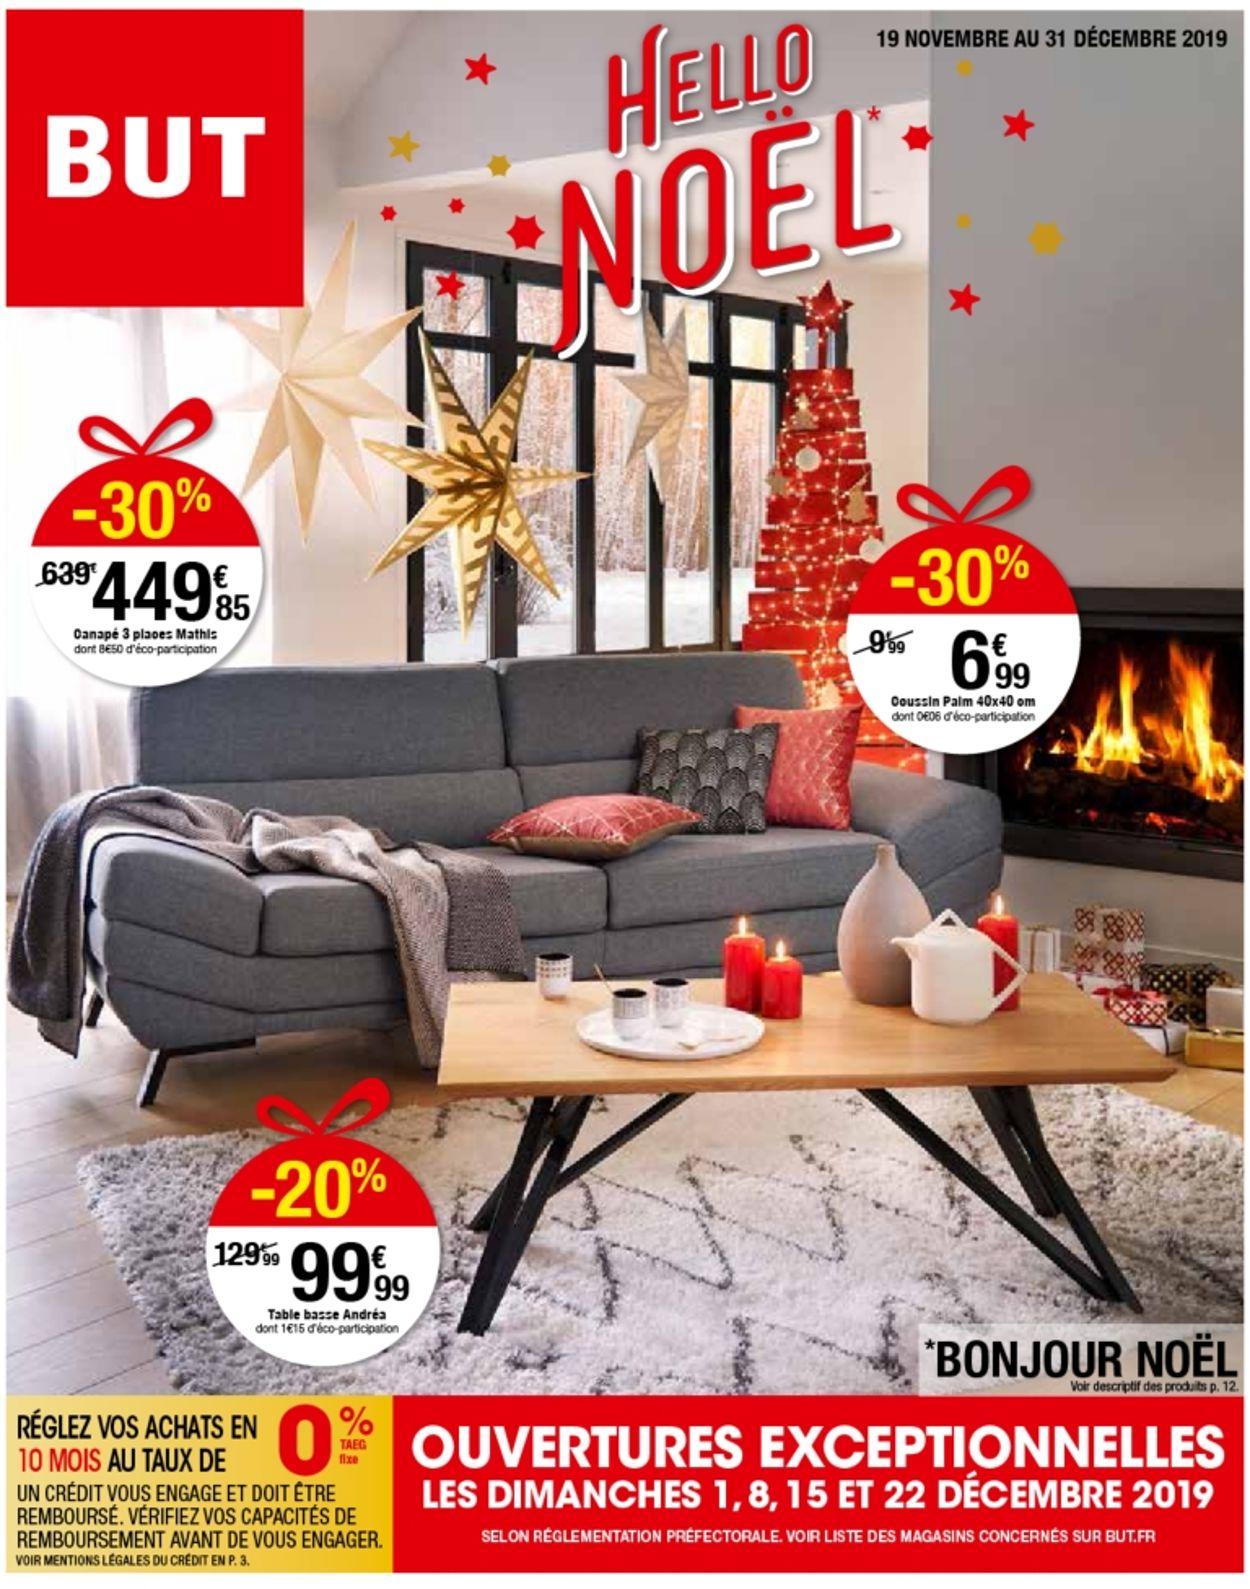 But Catalogue De Noël 2019 Catalogue Actuel 19.11 - 31.12 ... tout Canapé Mathis 3 Places